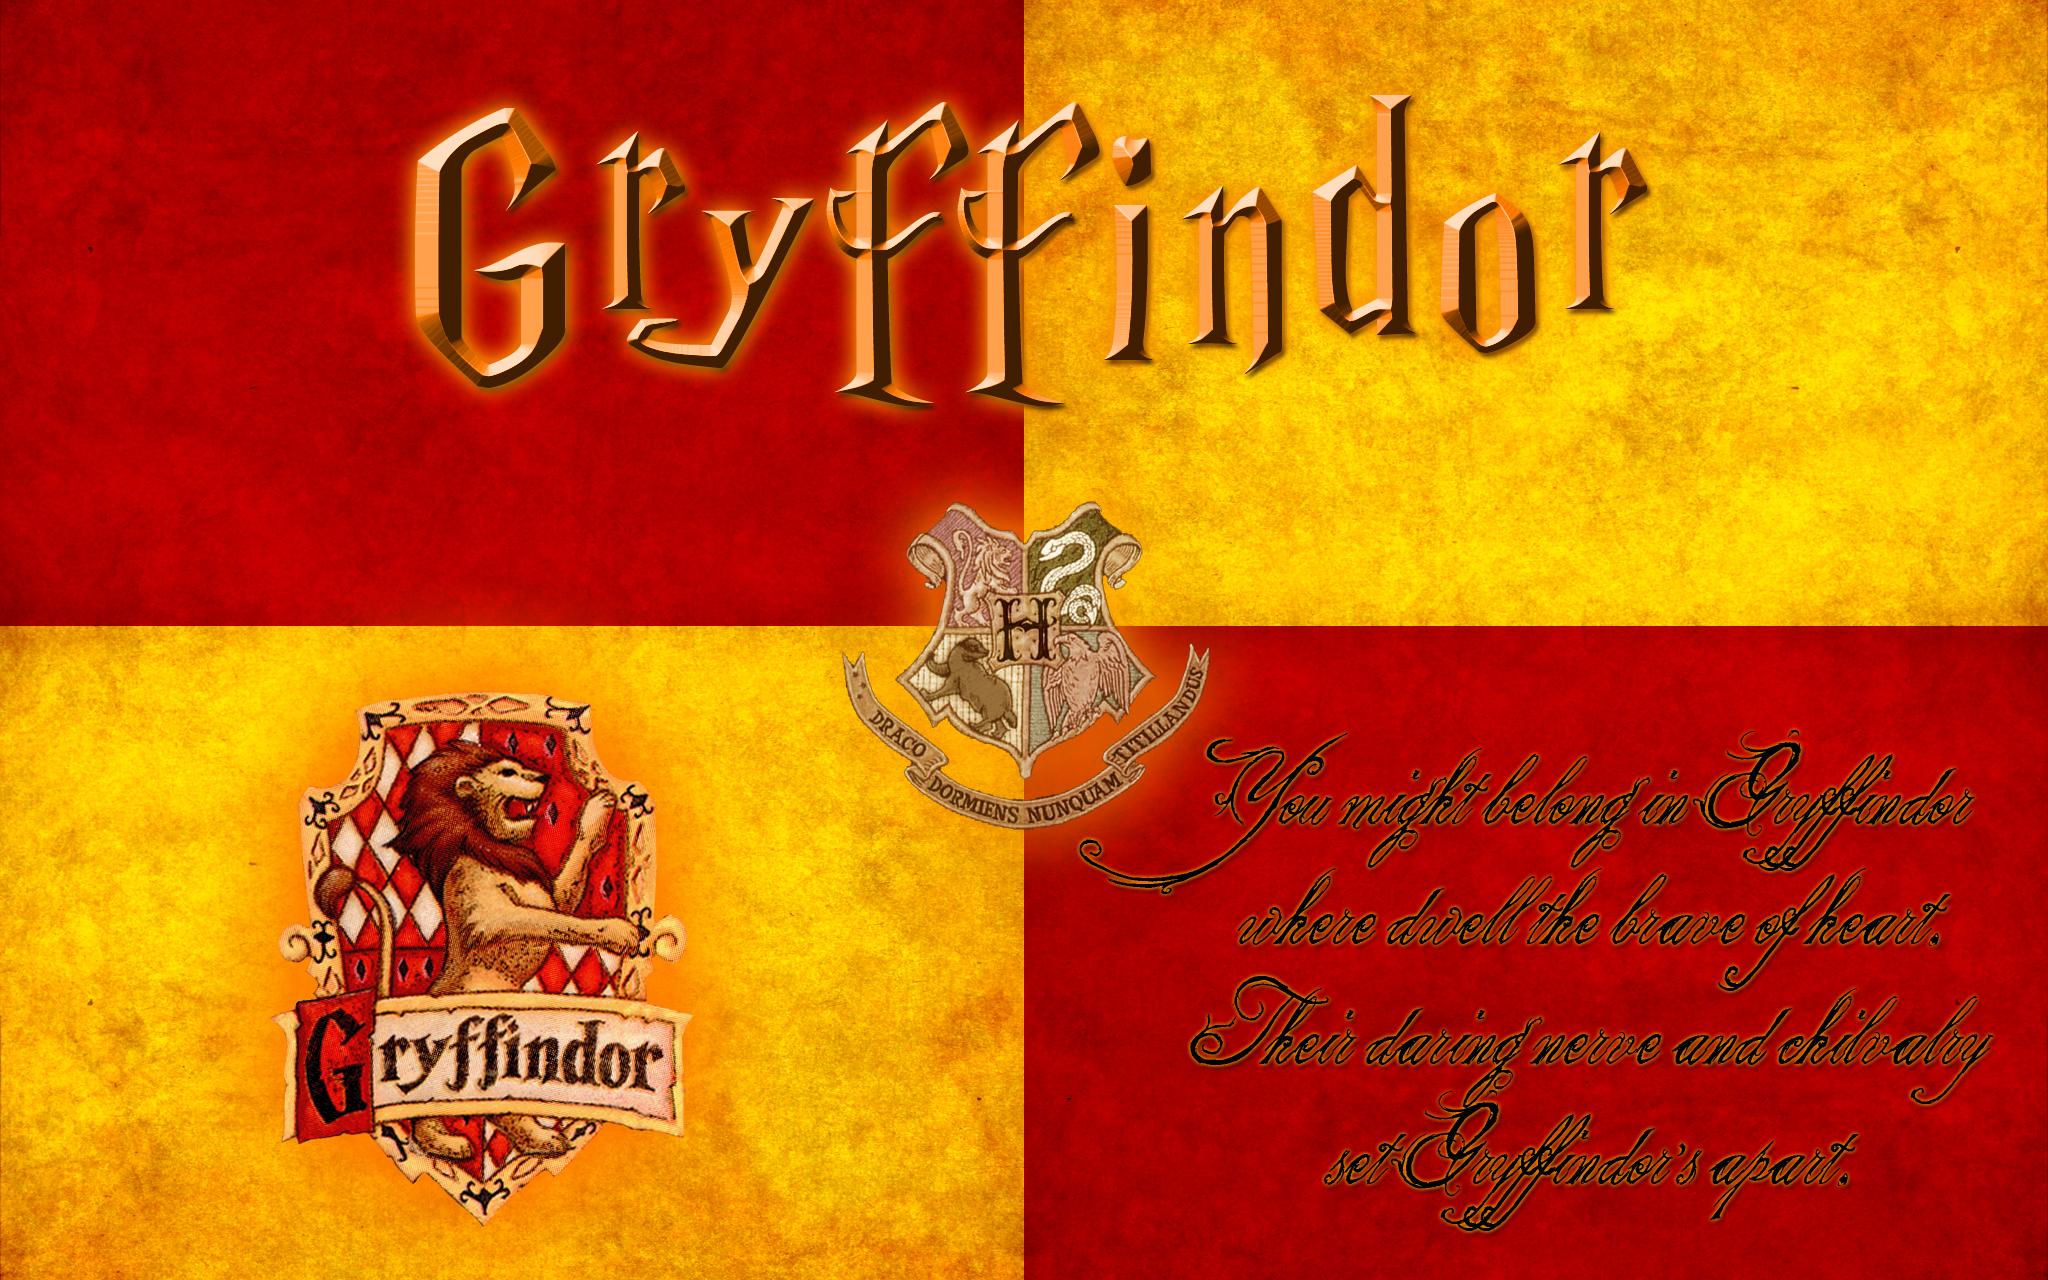 50 harry potter gryffindor wallpaper on wallpapersafari 50 harry potter gryffindor wallpaper